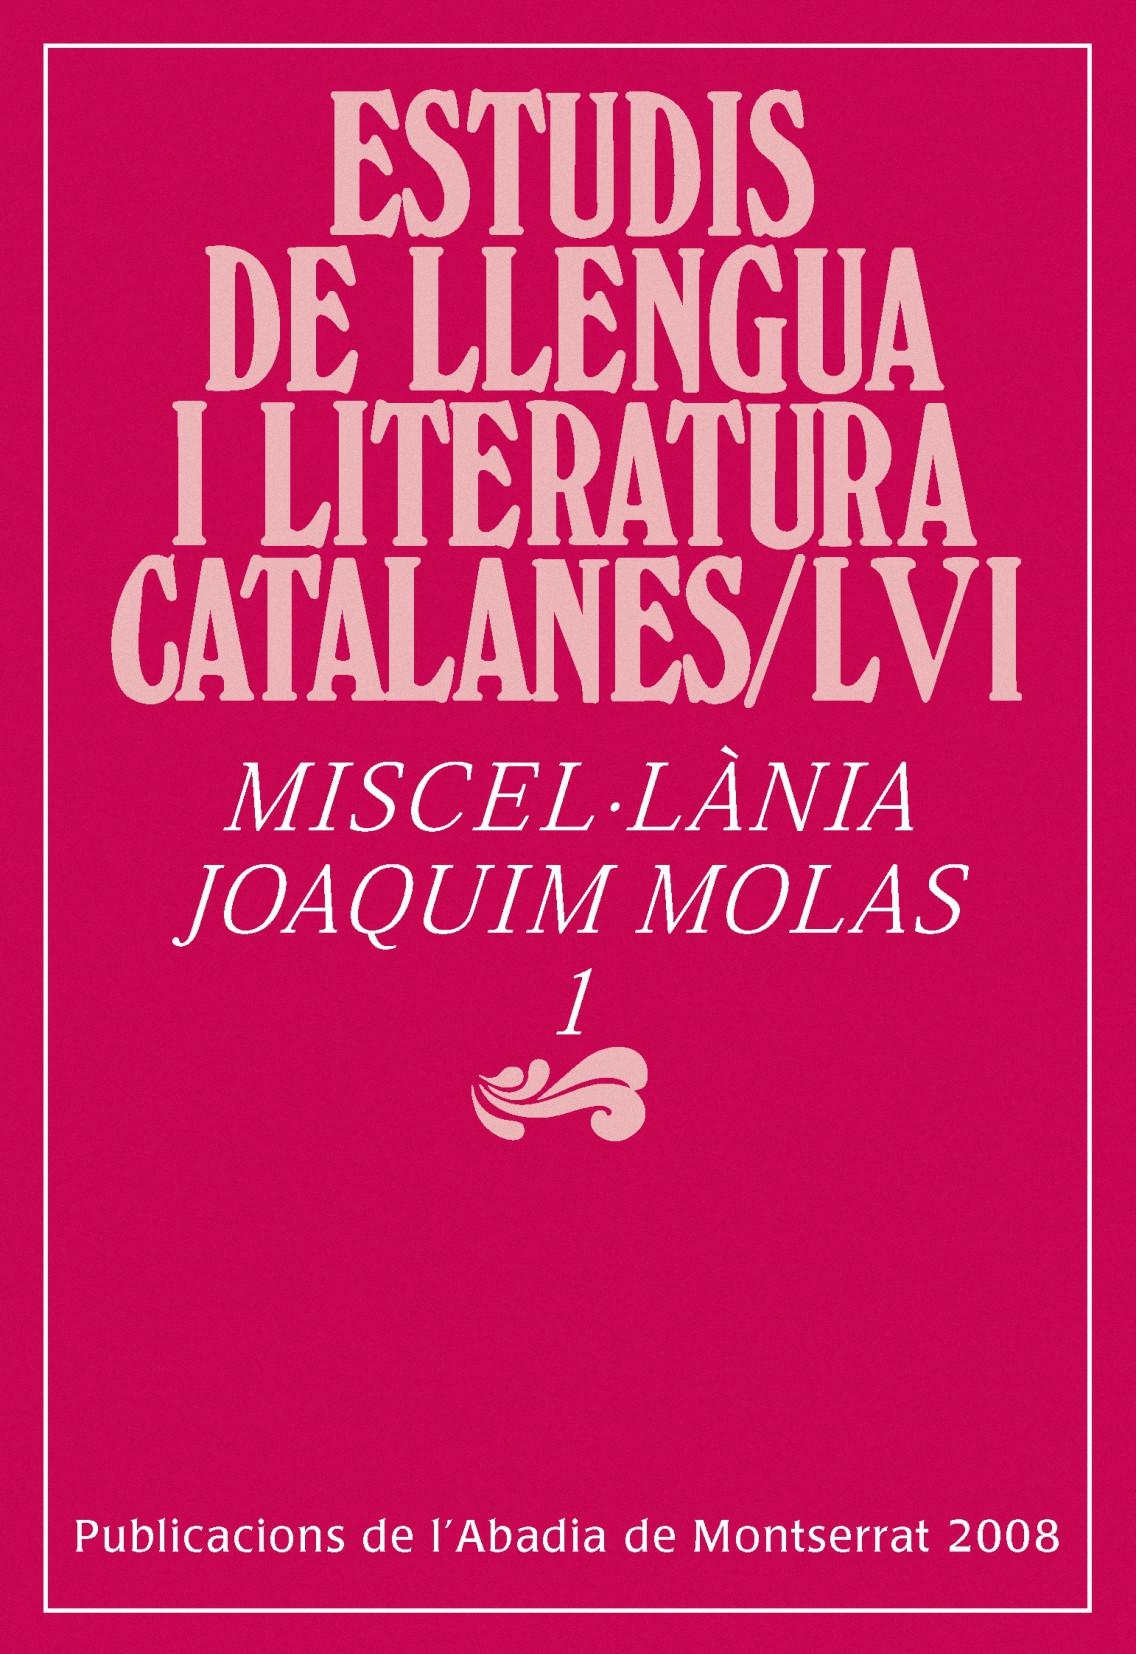 MISCEL·LÀNIA JOAQUIM MOLAS